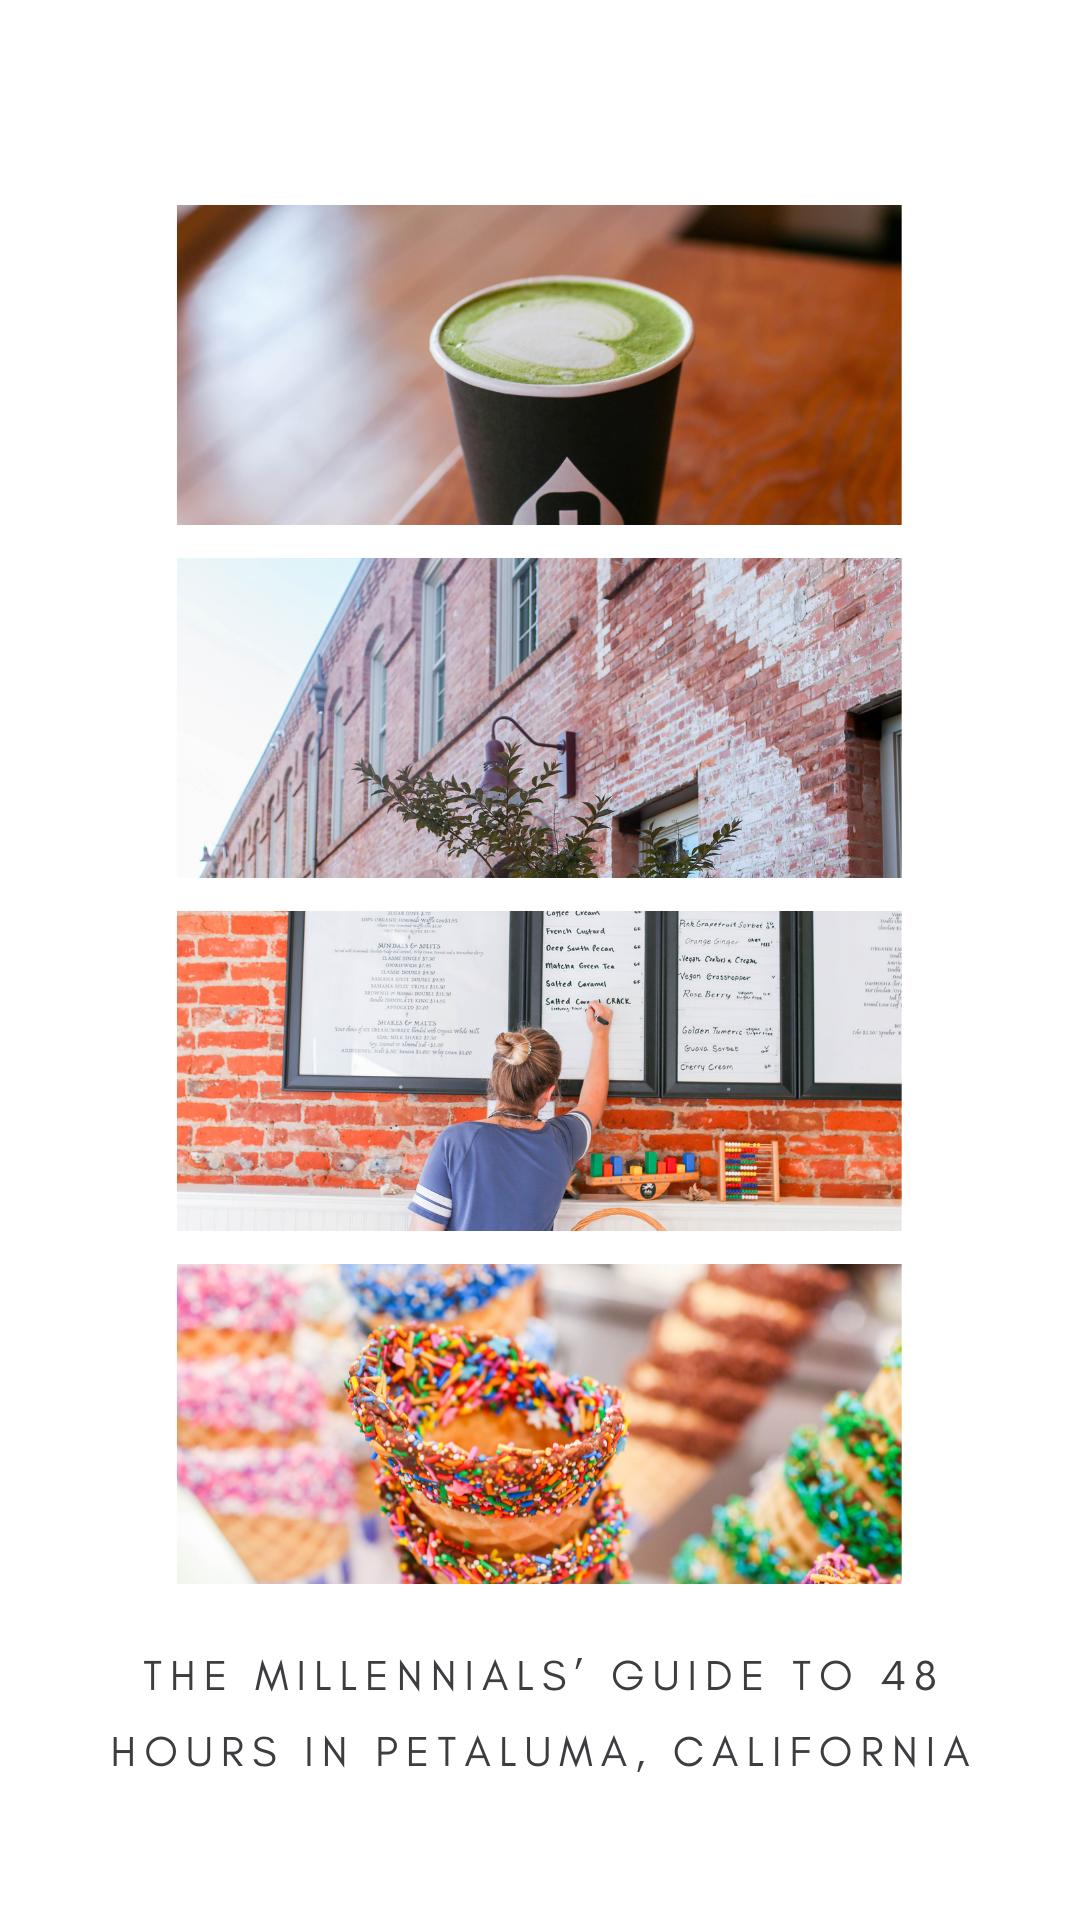 The Millennials' Guide to 48 Hours in Petaluma, California Pin.png